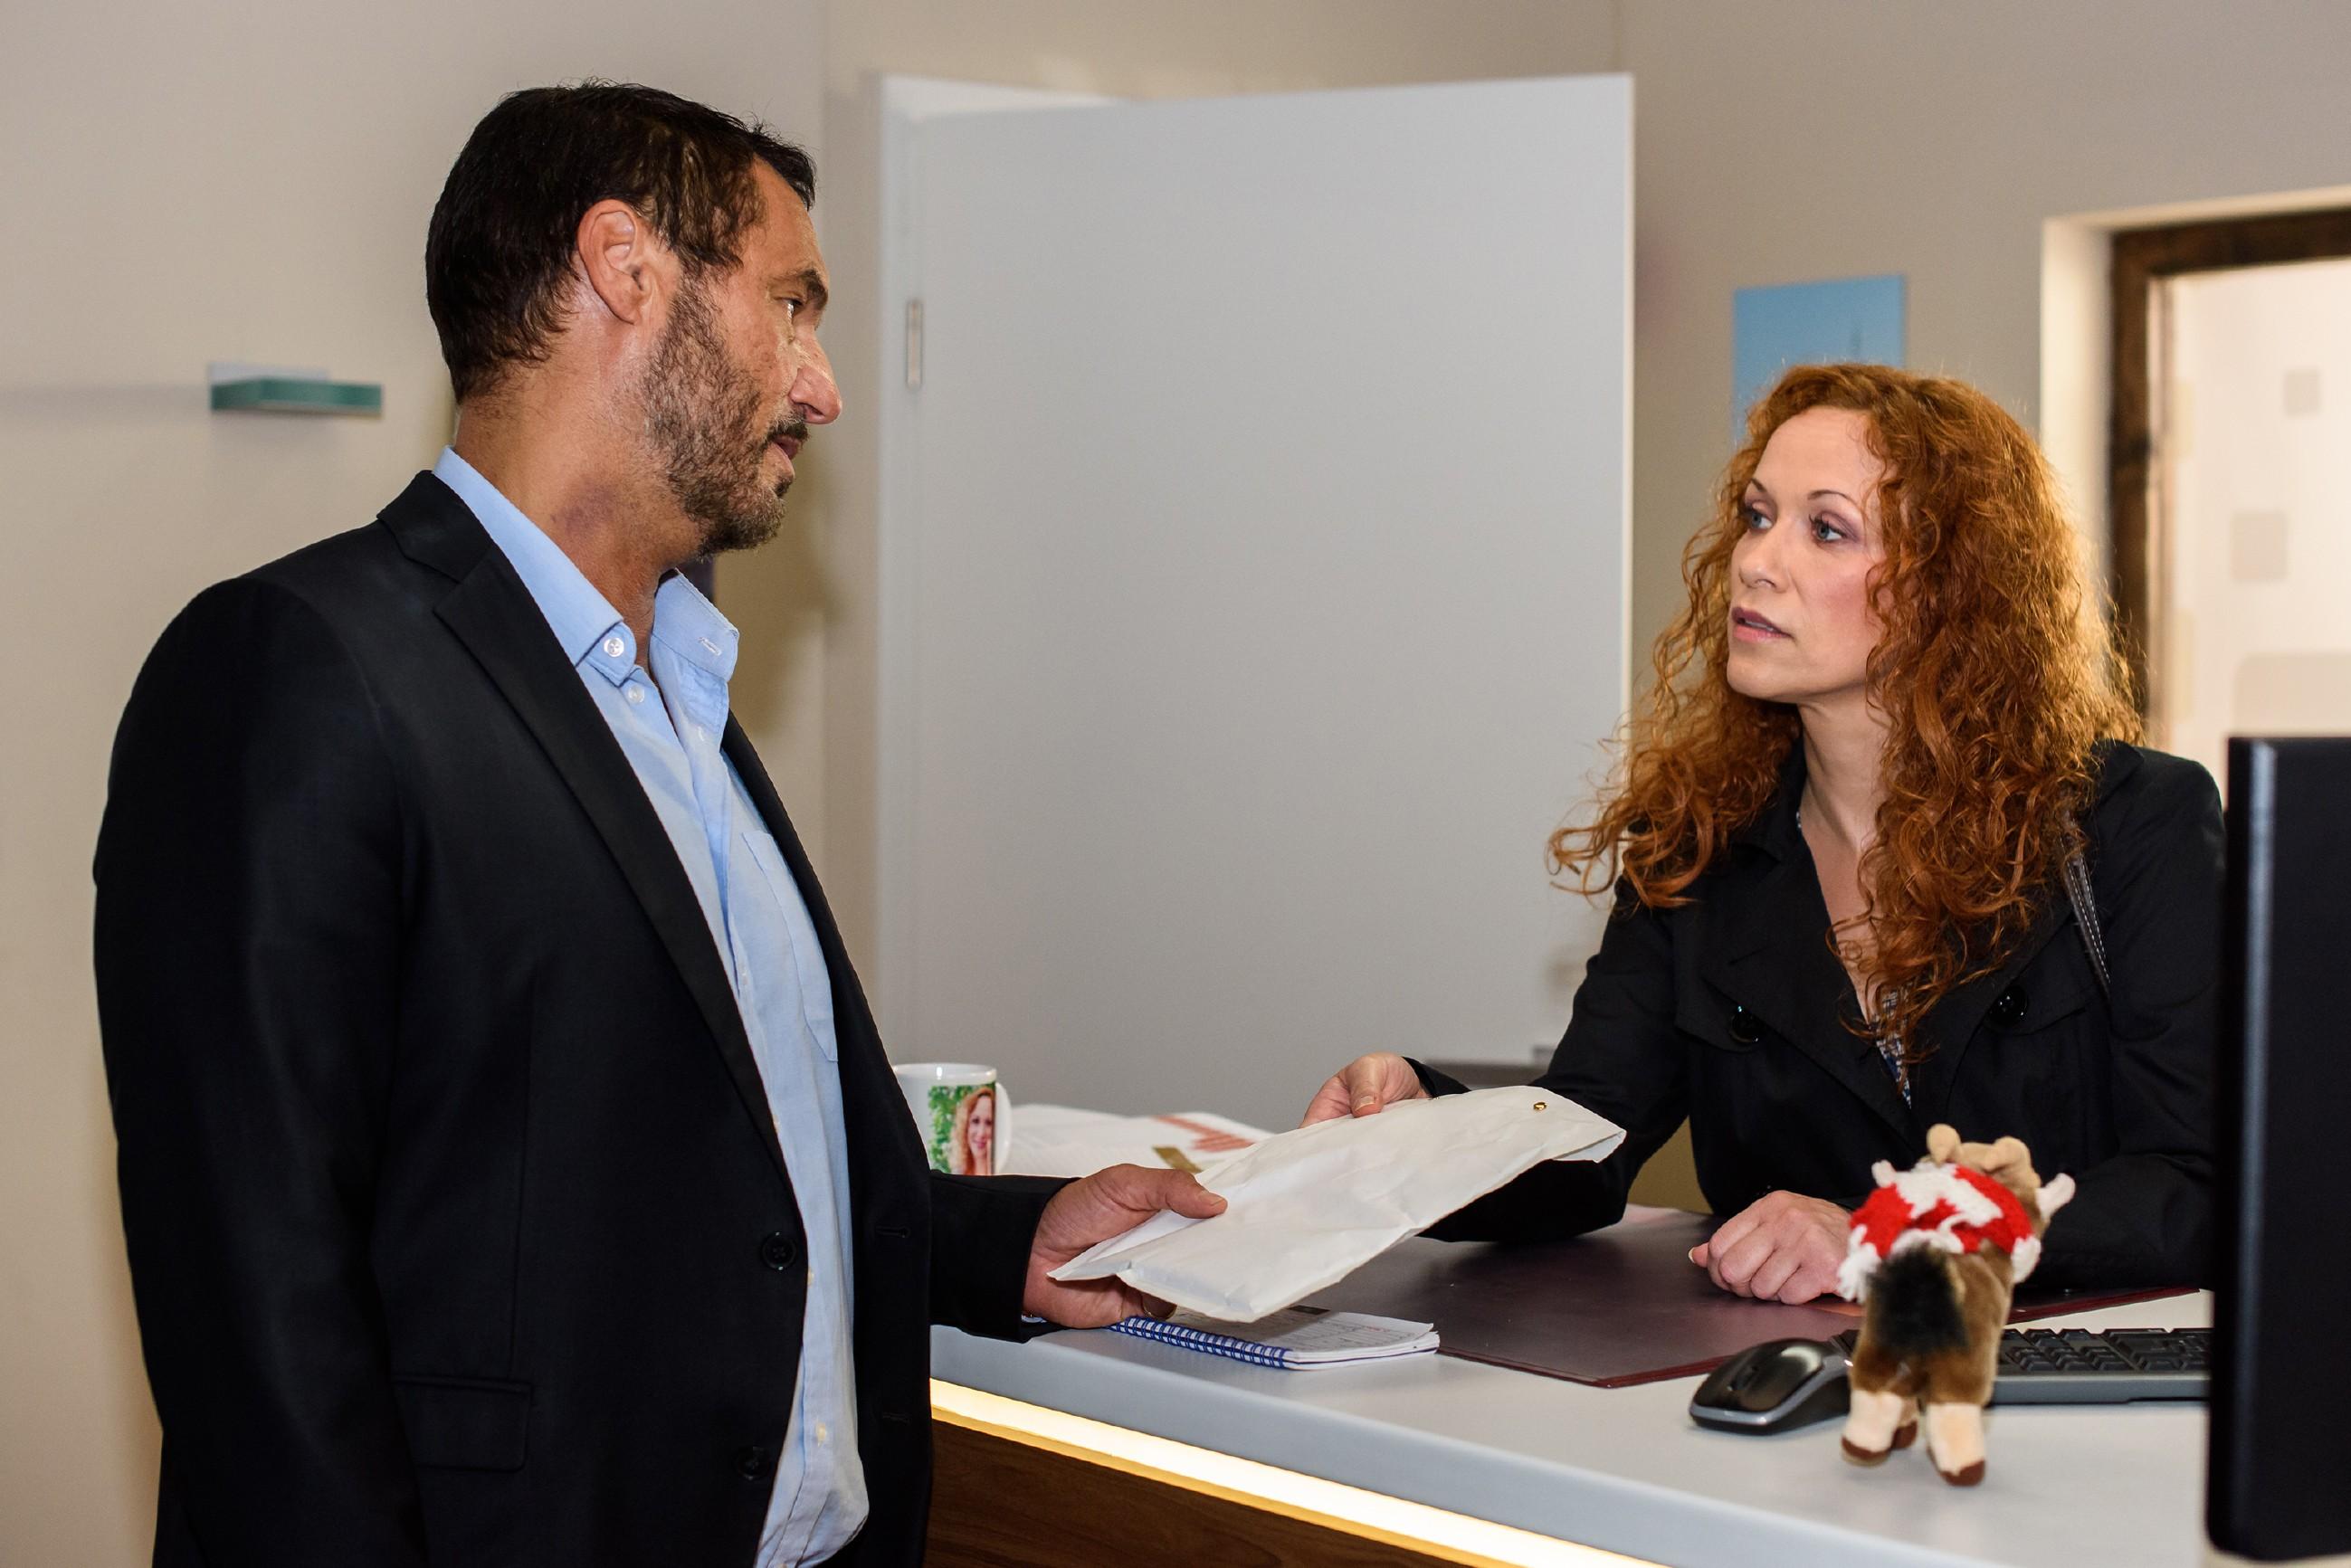 Um Simone nicht misstrauisch zu machen, ŸübertrŠägt Richard (Silvan-Pierre Leirich) Brigitte (Madlen Kaniuth) die Aufgabe, Carmen das Geld zu bringen. (Quelle: RTL / Julia Feldhagen)